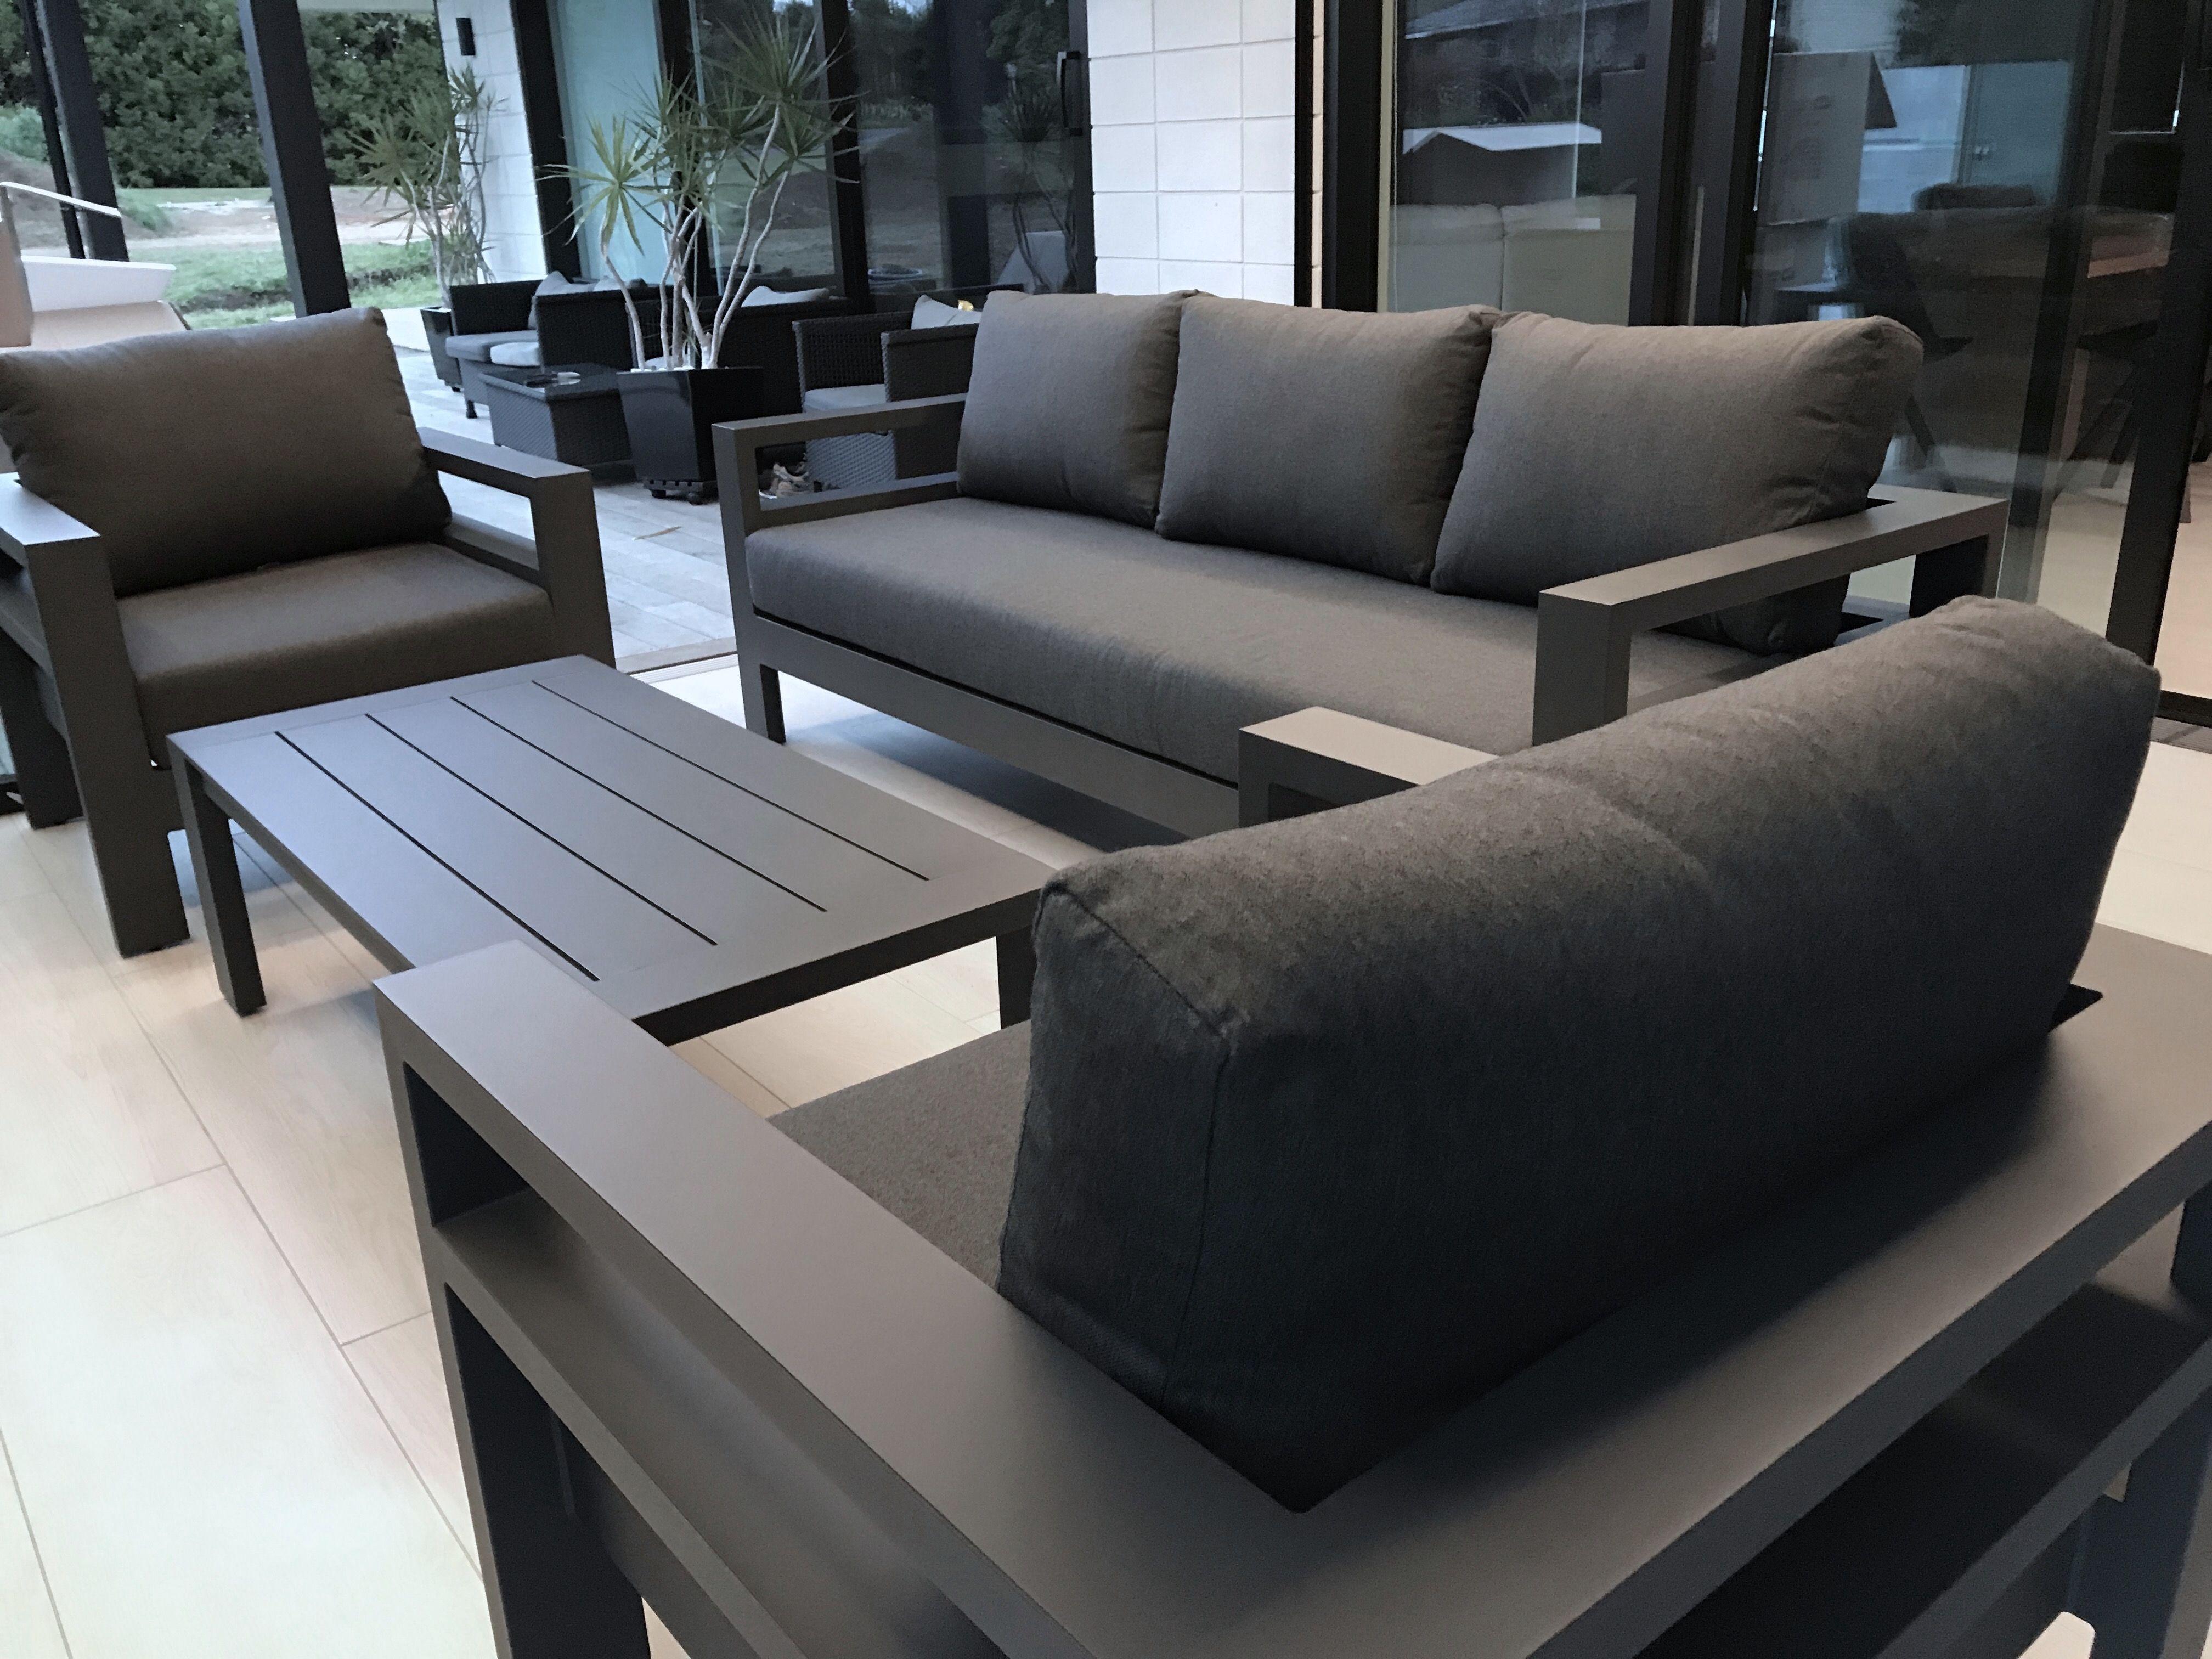 Modern Style Outdoor Furniture Nz Auckland Tauranga Furniture Wooden Sofa Designs Outdoor Furniture Design